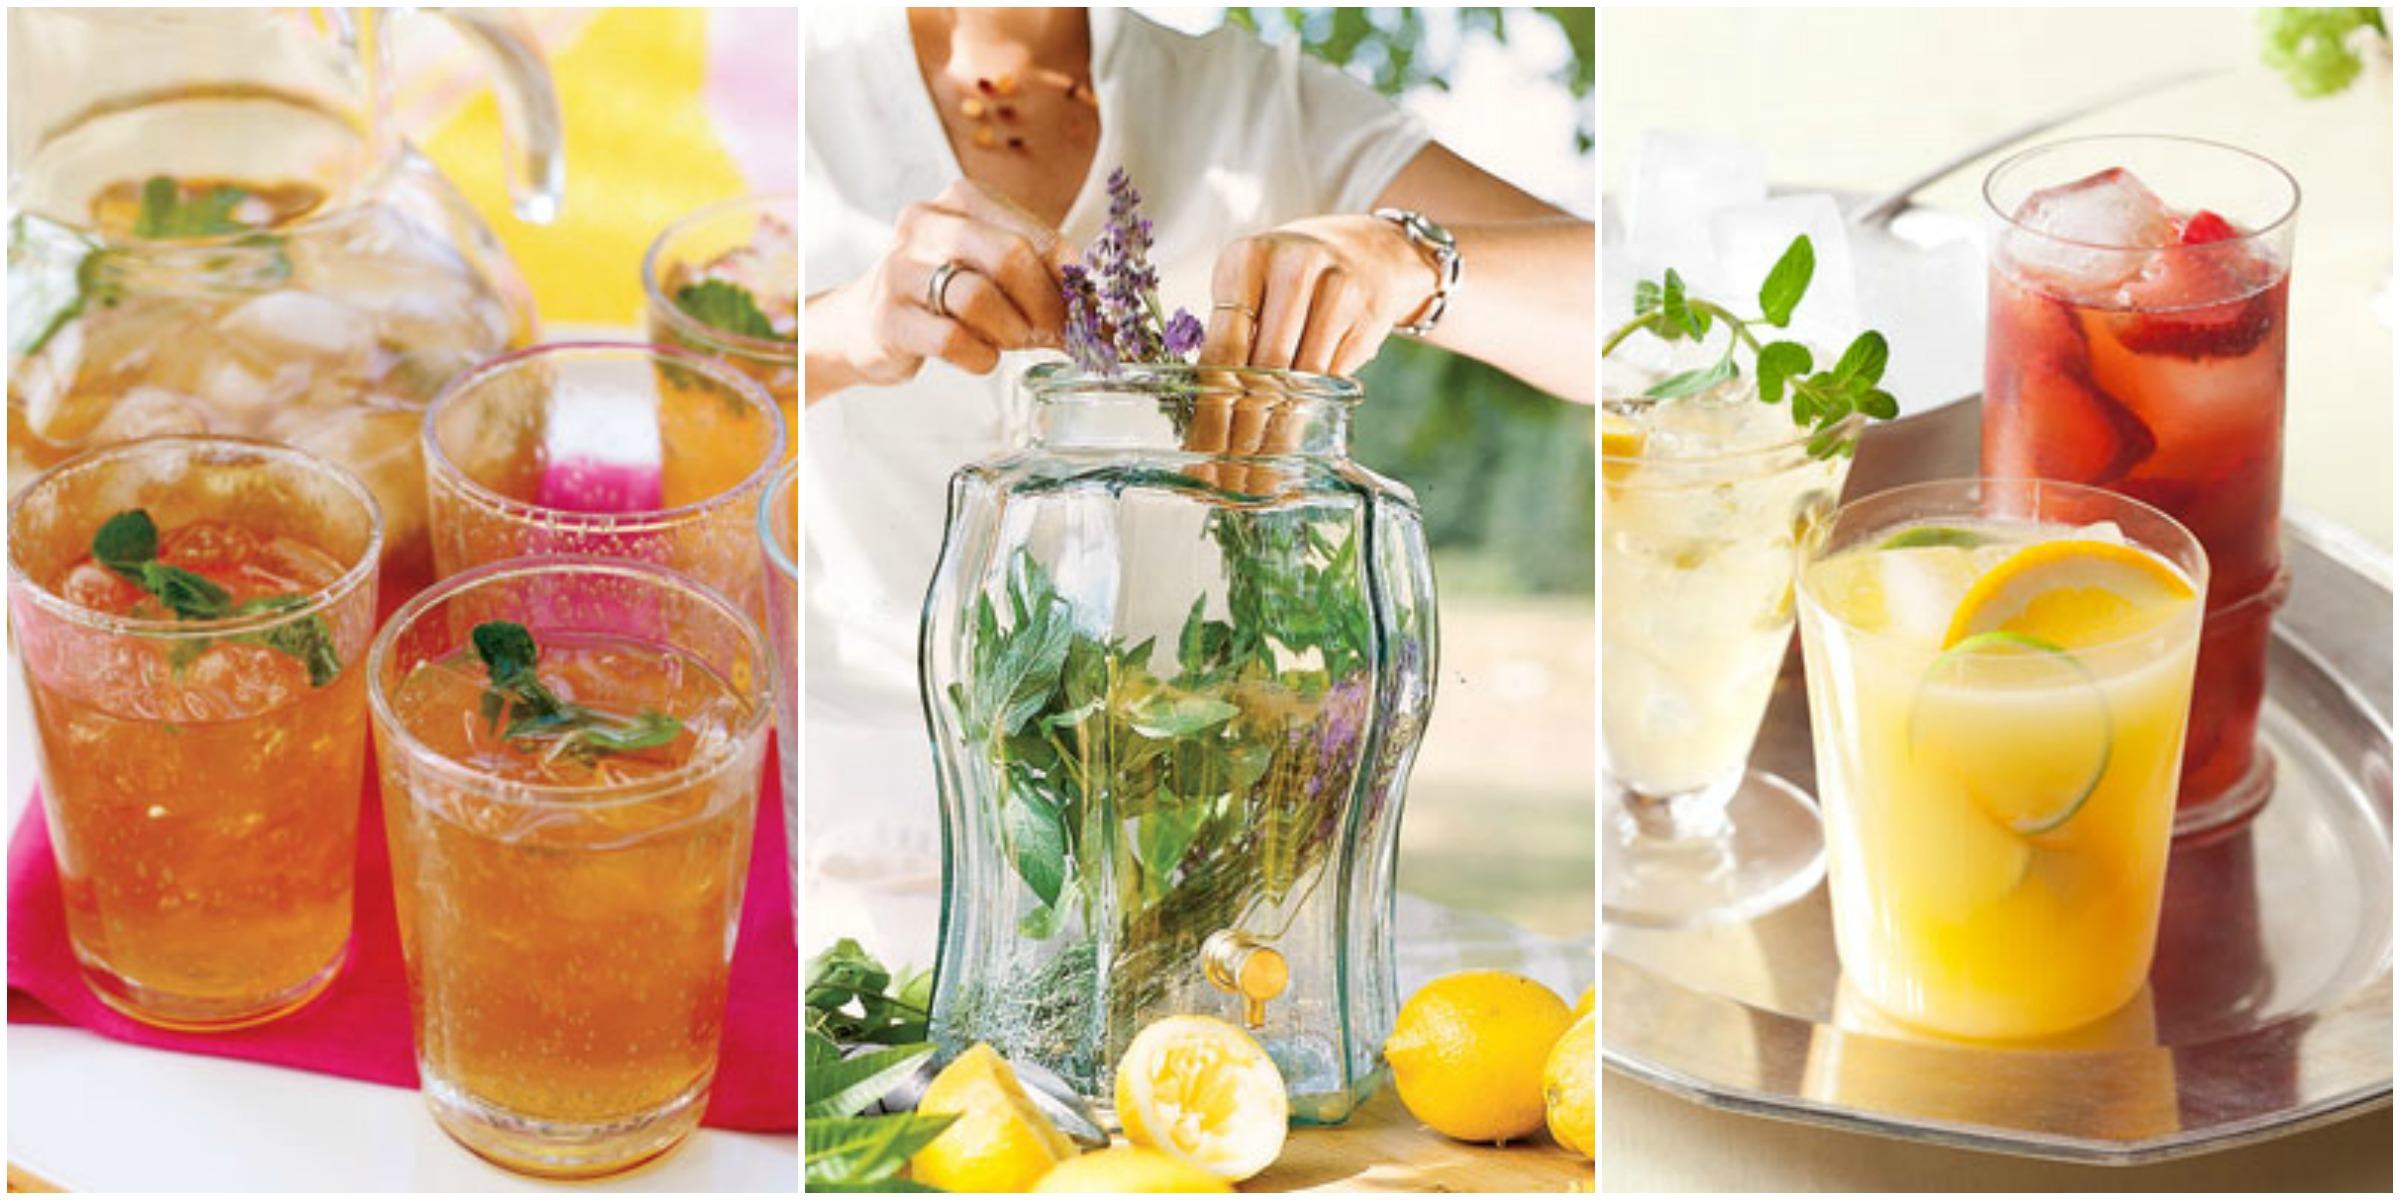 Iced Tea Recipes  Homemade Iced Tea